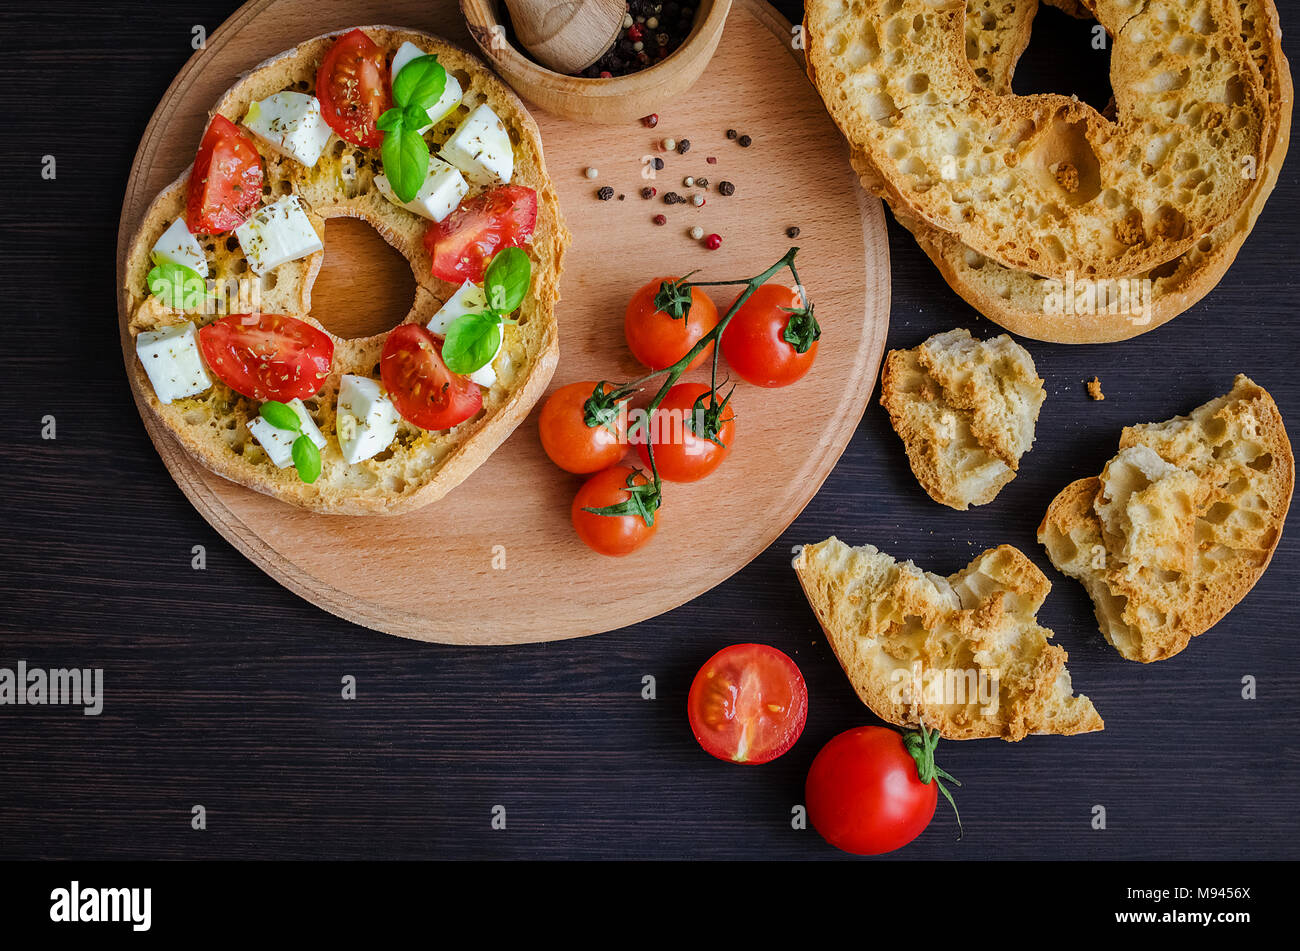 Apéritif italien Friselle. Pain séché italienne Friselle sur planche de bois avec des tomates cerises, le basilic et le poivre. Cuisine italienne. La nourriture végétarienne saine Photo Stock